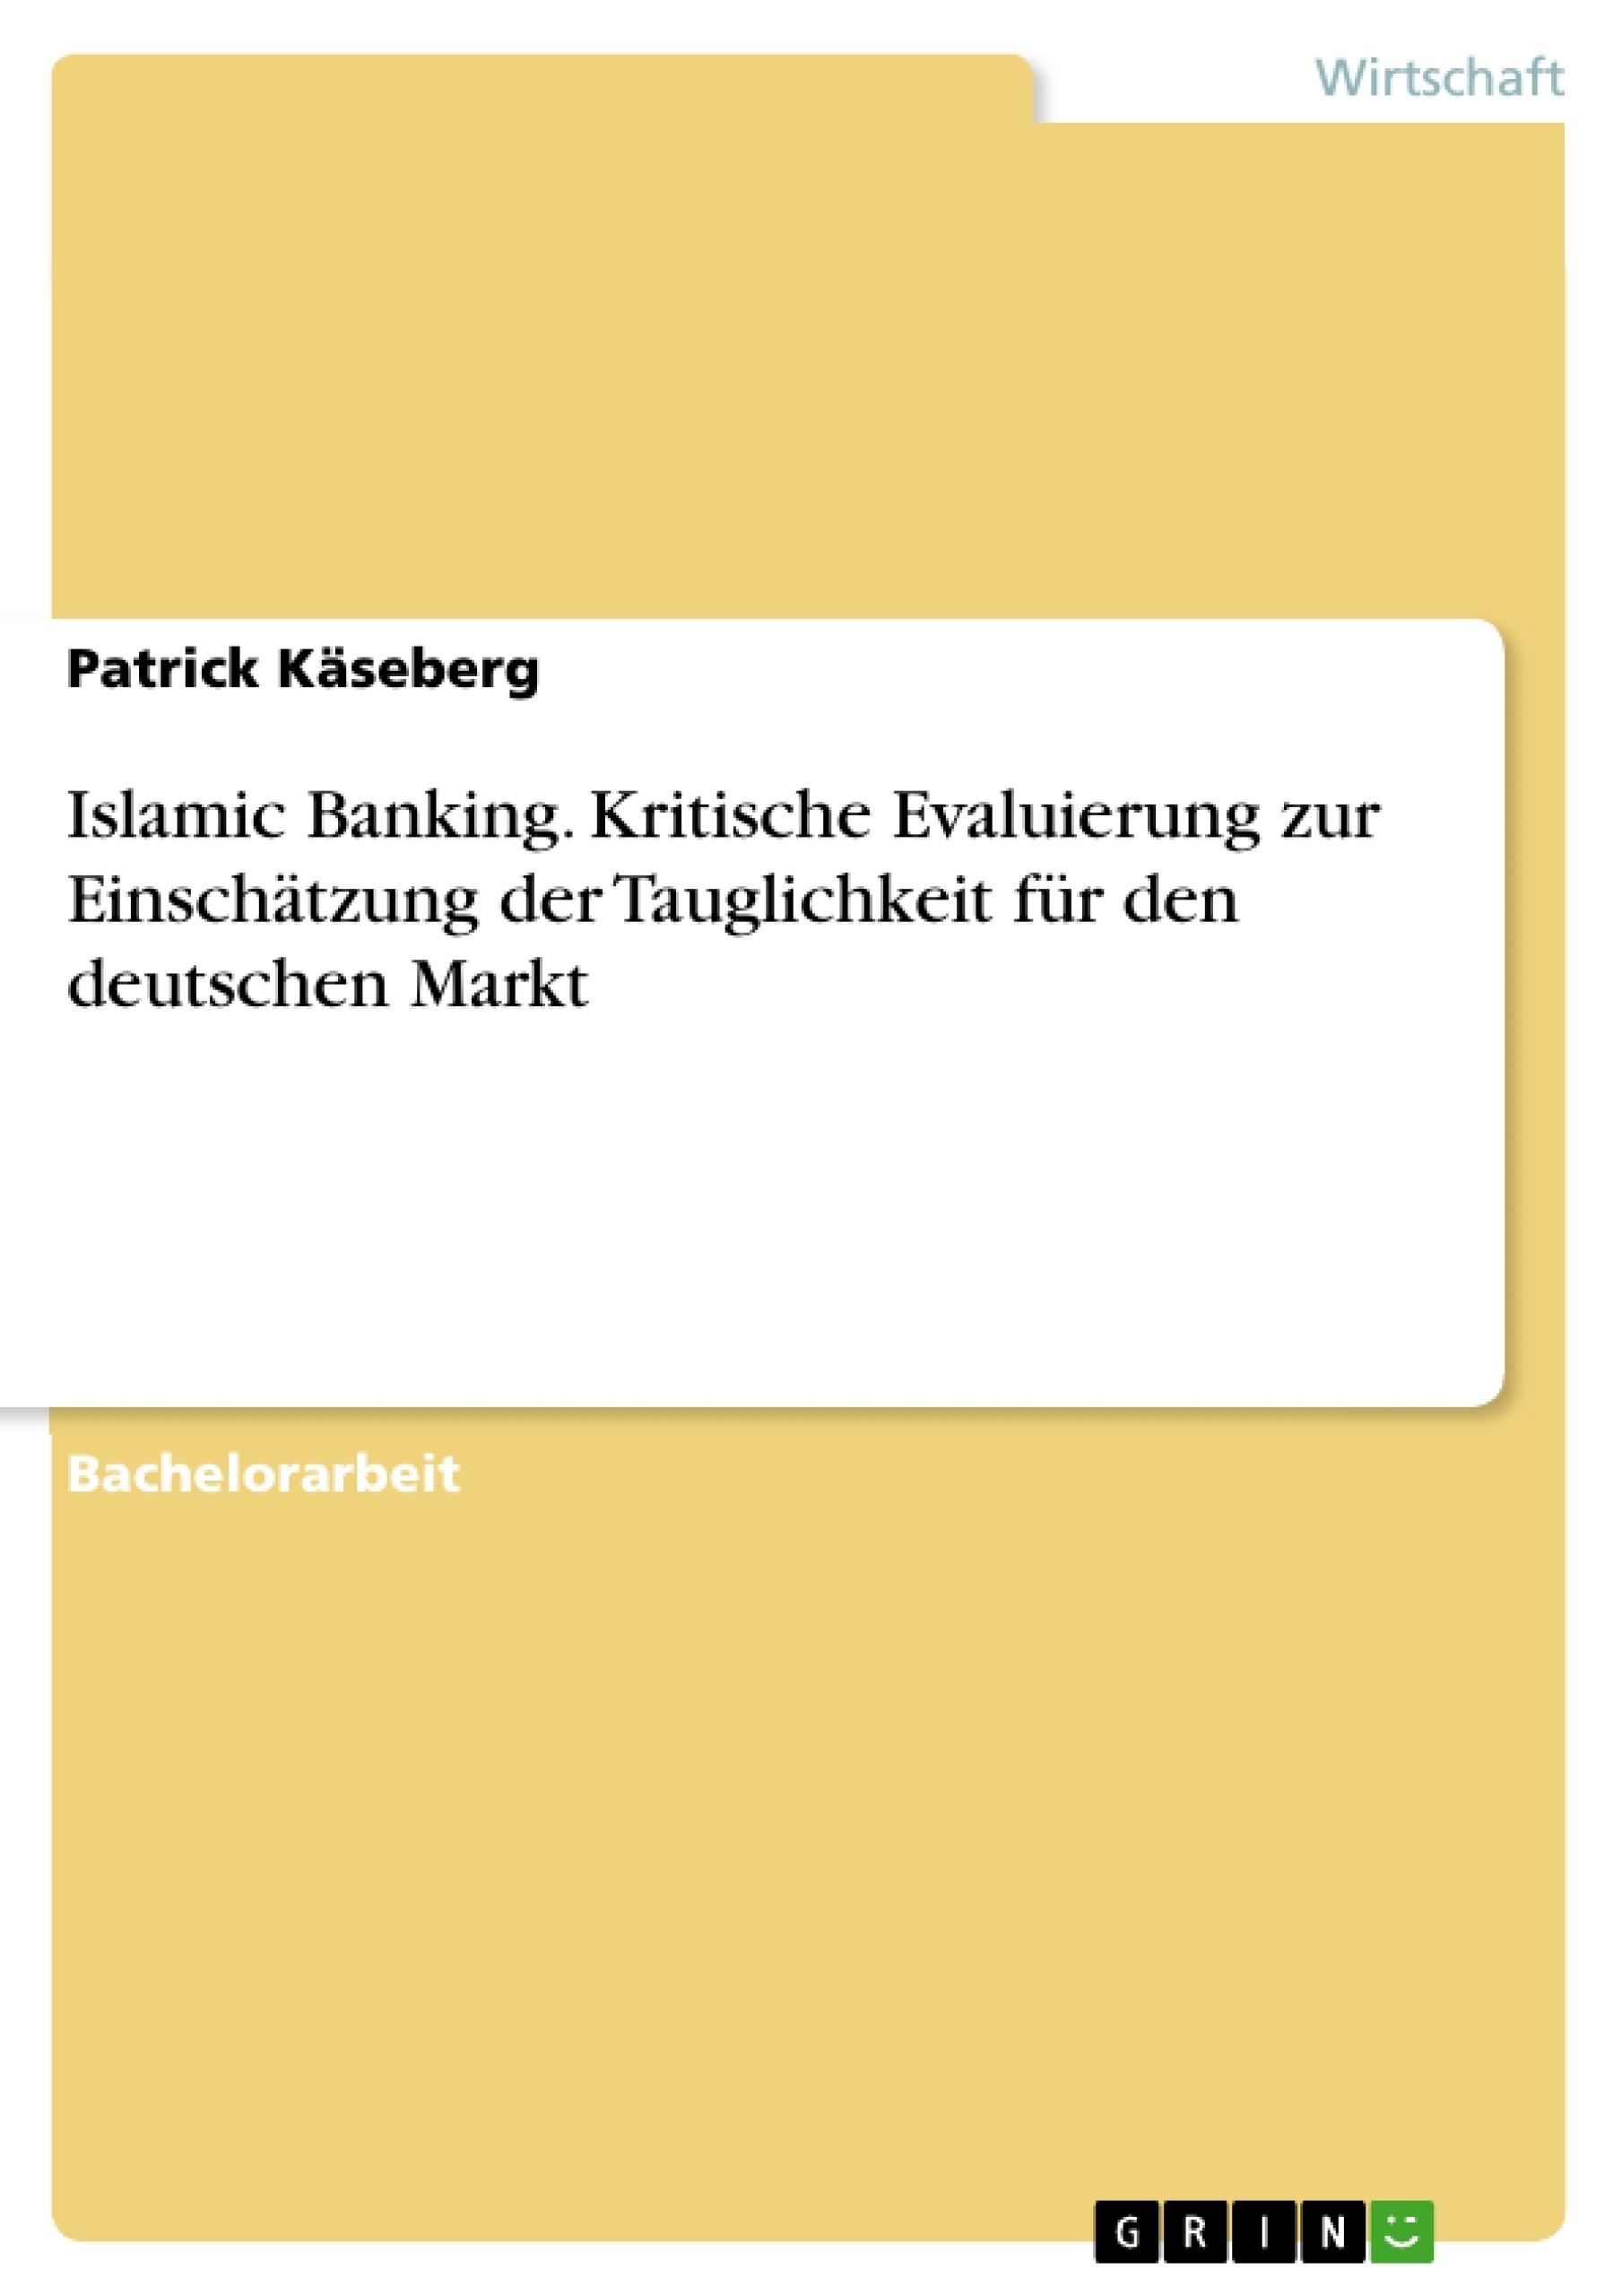 Titel: Islamic Banking. Kritische Evaluierung zur Einschätzung der Tauglichkeit für den deutschen Markt